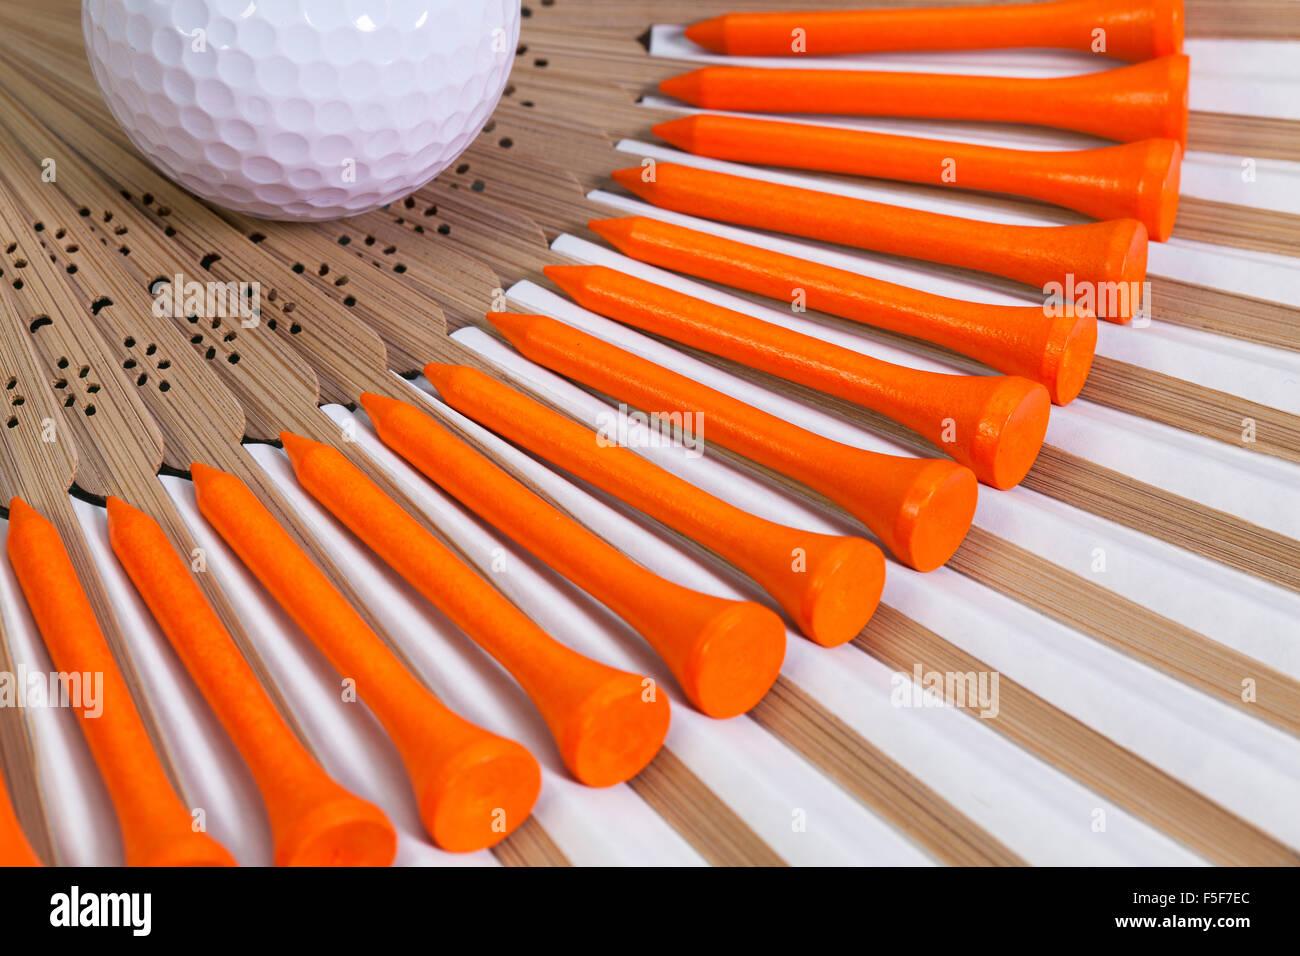 Ventilateur à main japonais typique faite de bambou et d'équipements de golf Photo Stock